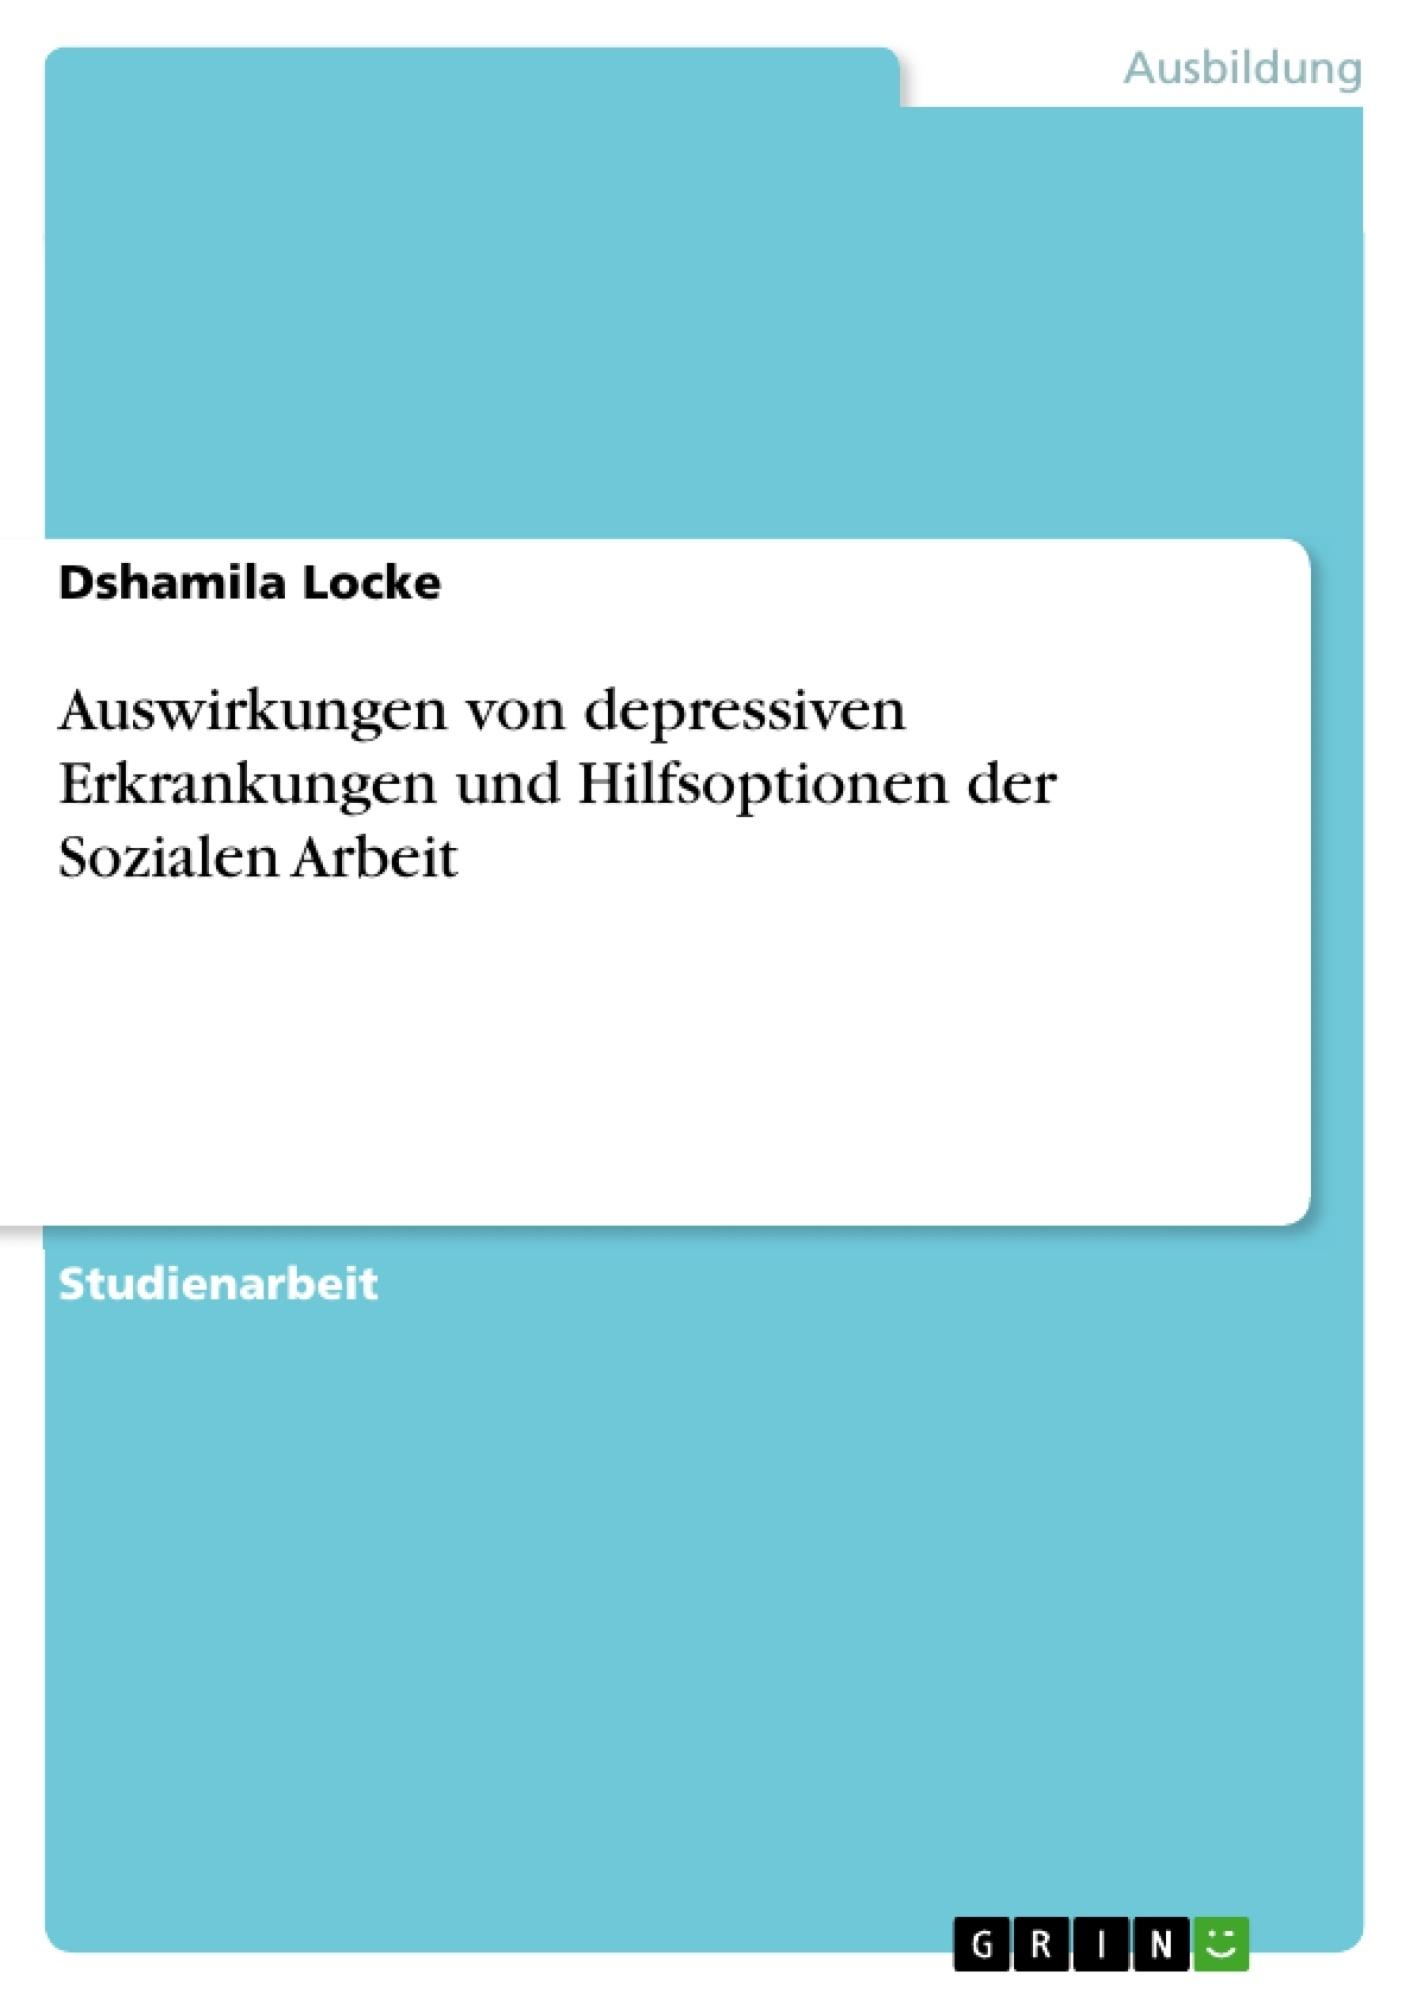 Titel: Auswirkungen von depressiven Erkrankungen und Hilfsoptionen der Sozialen Arbeit